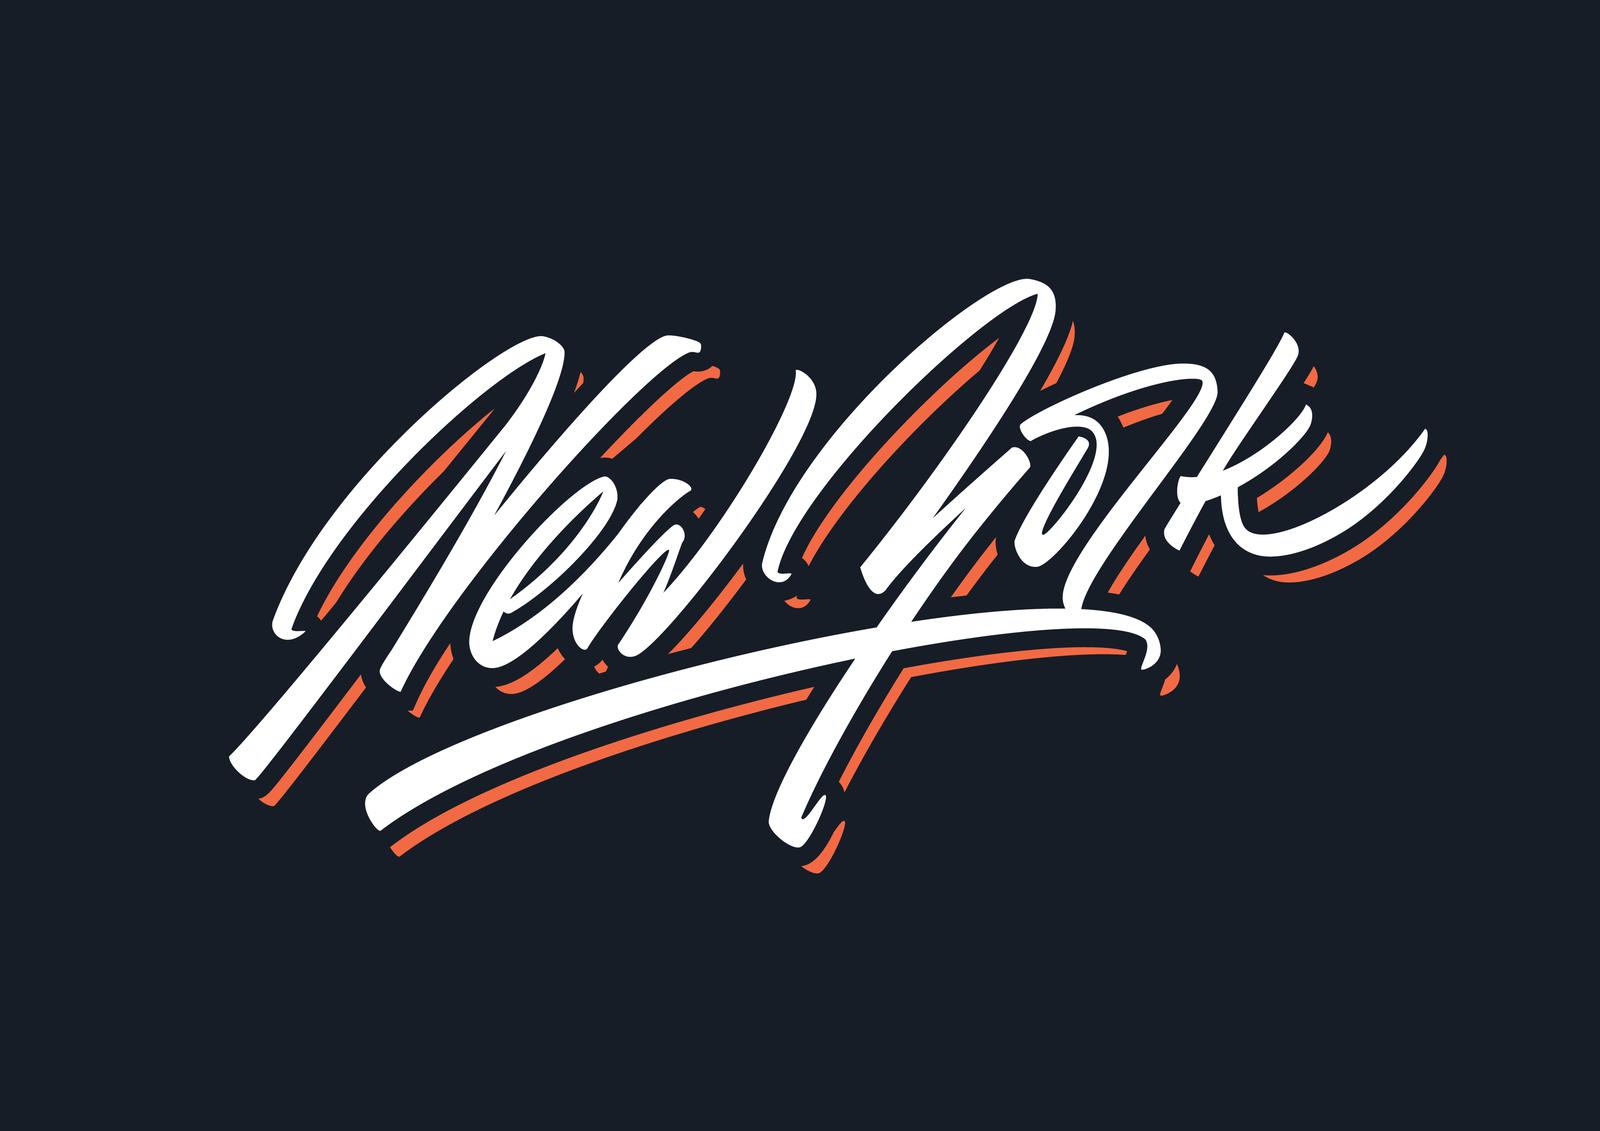 New York brush script vector lettering